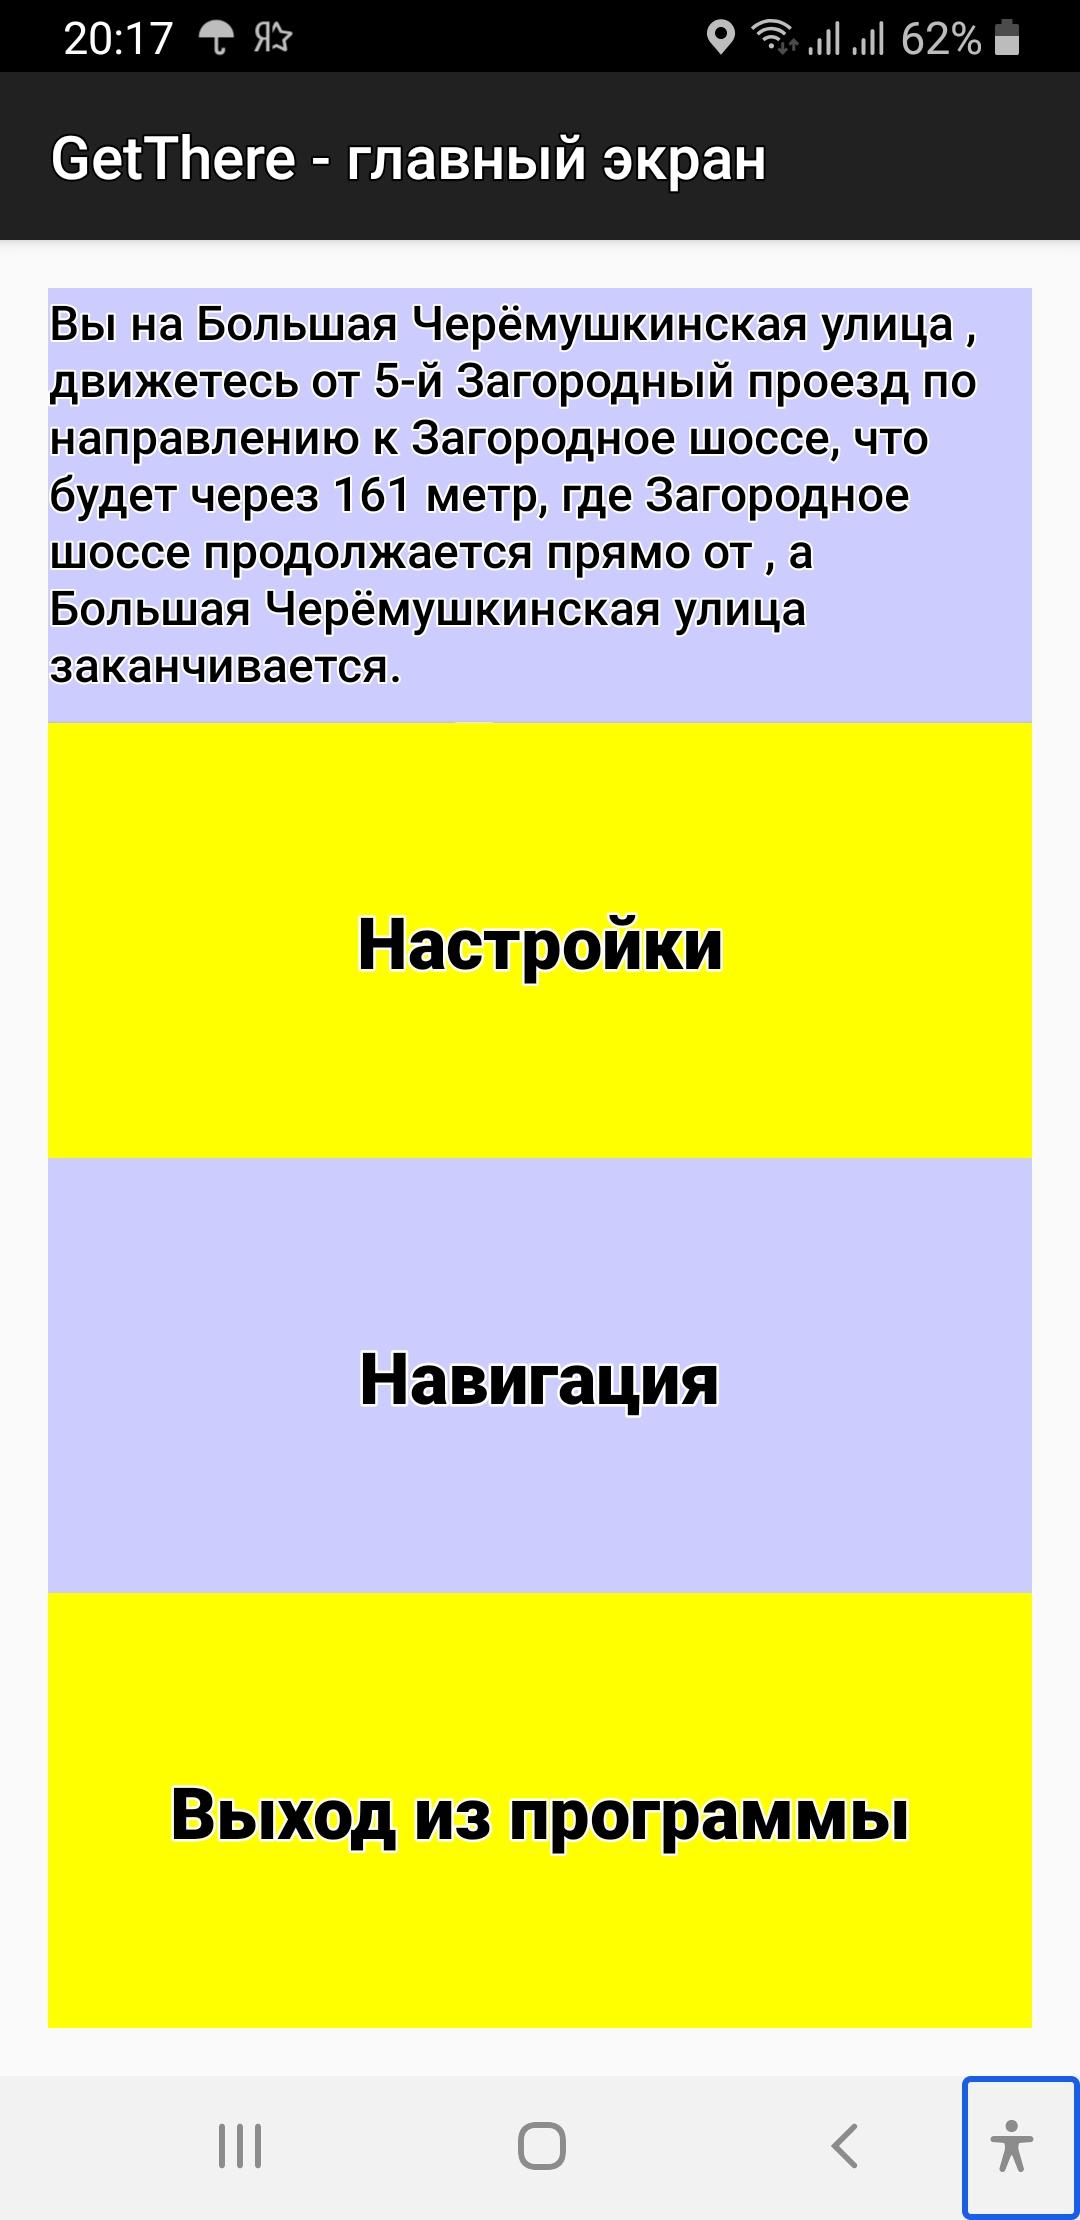 getthere_главный экран